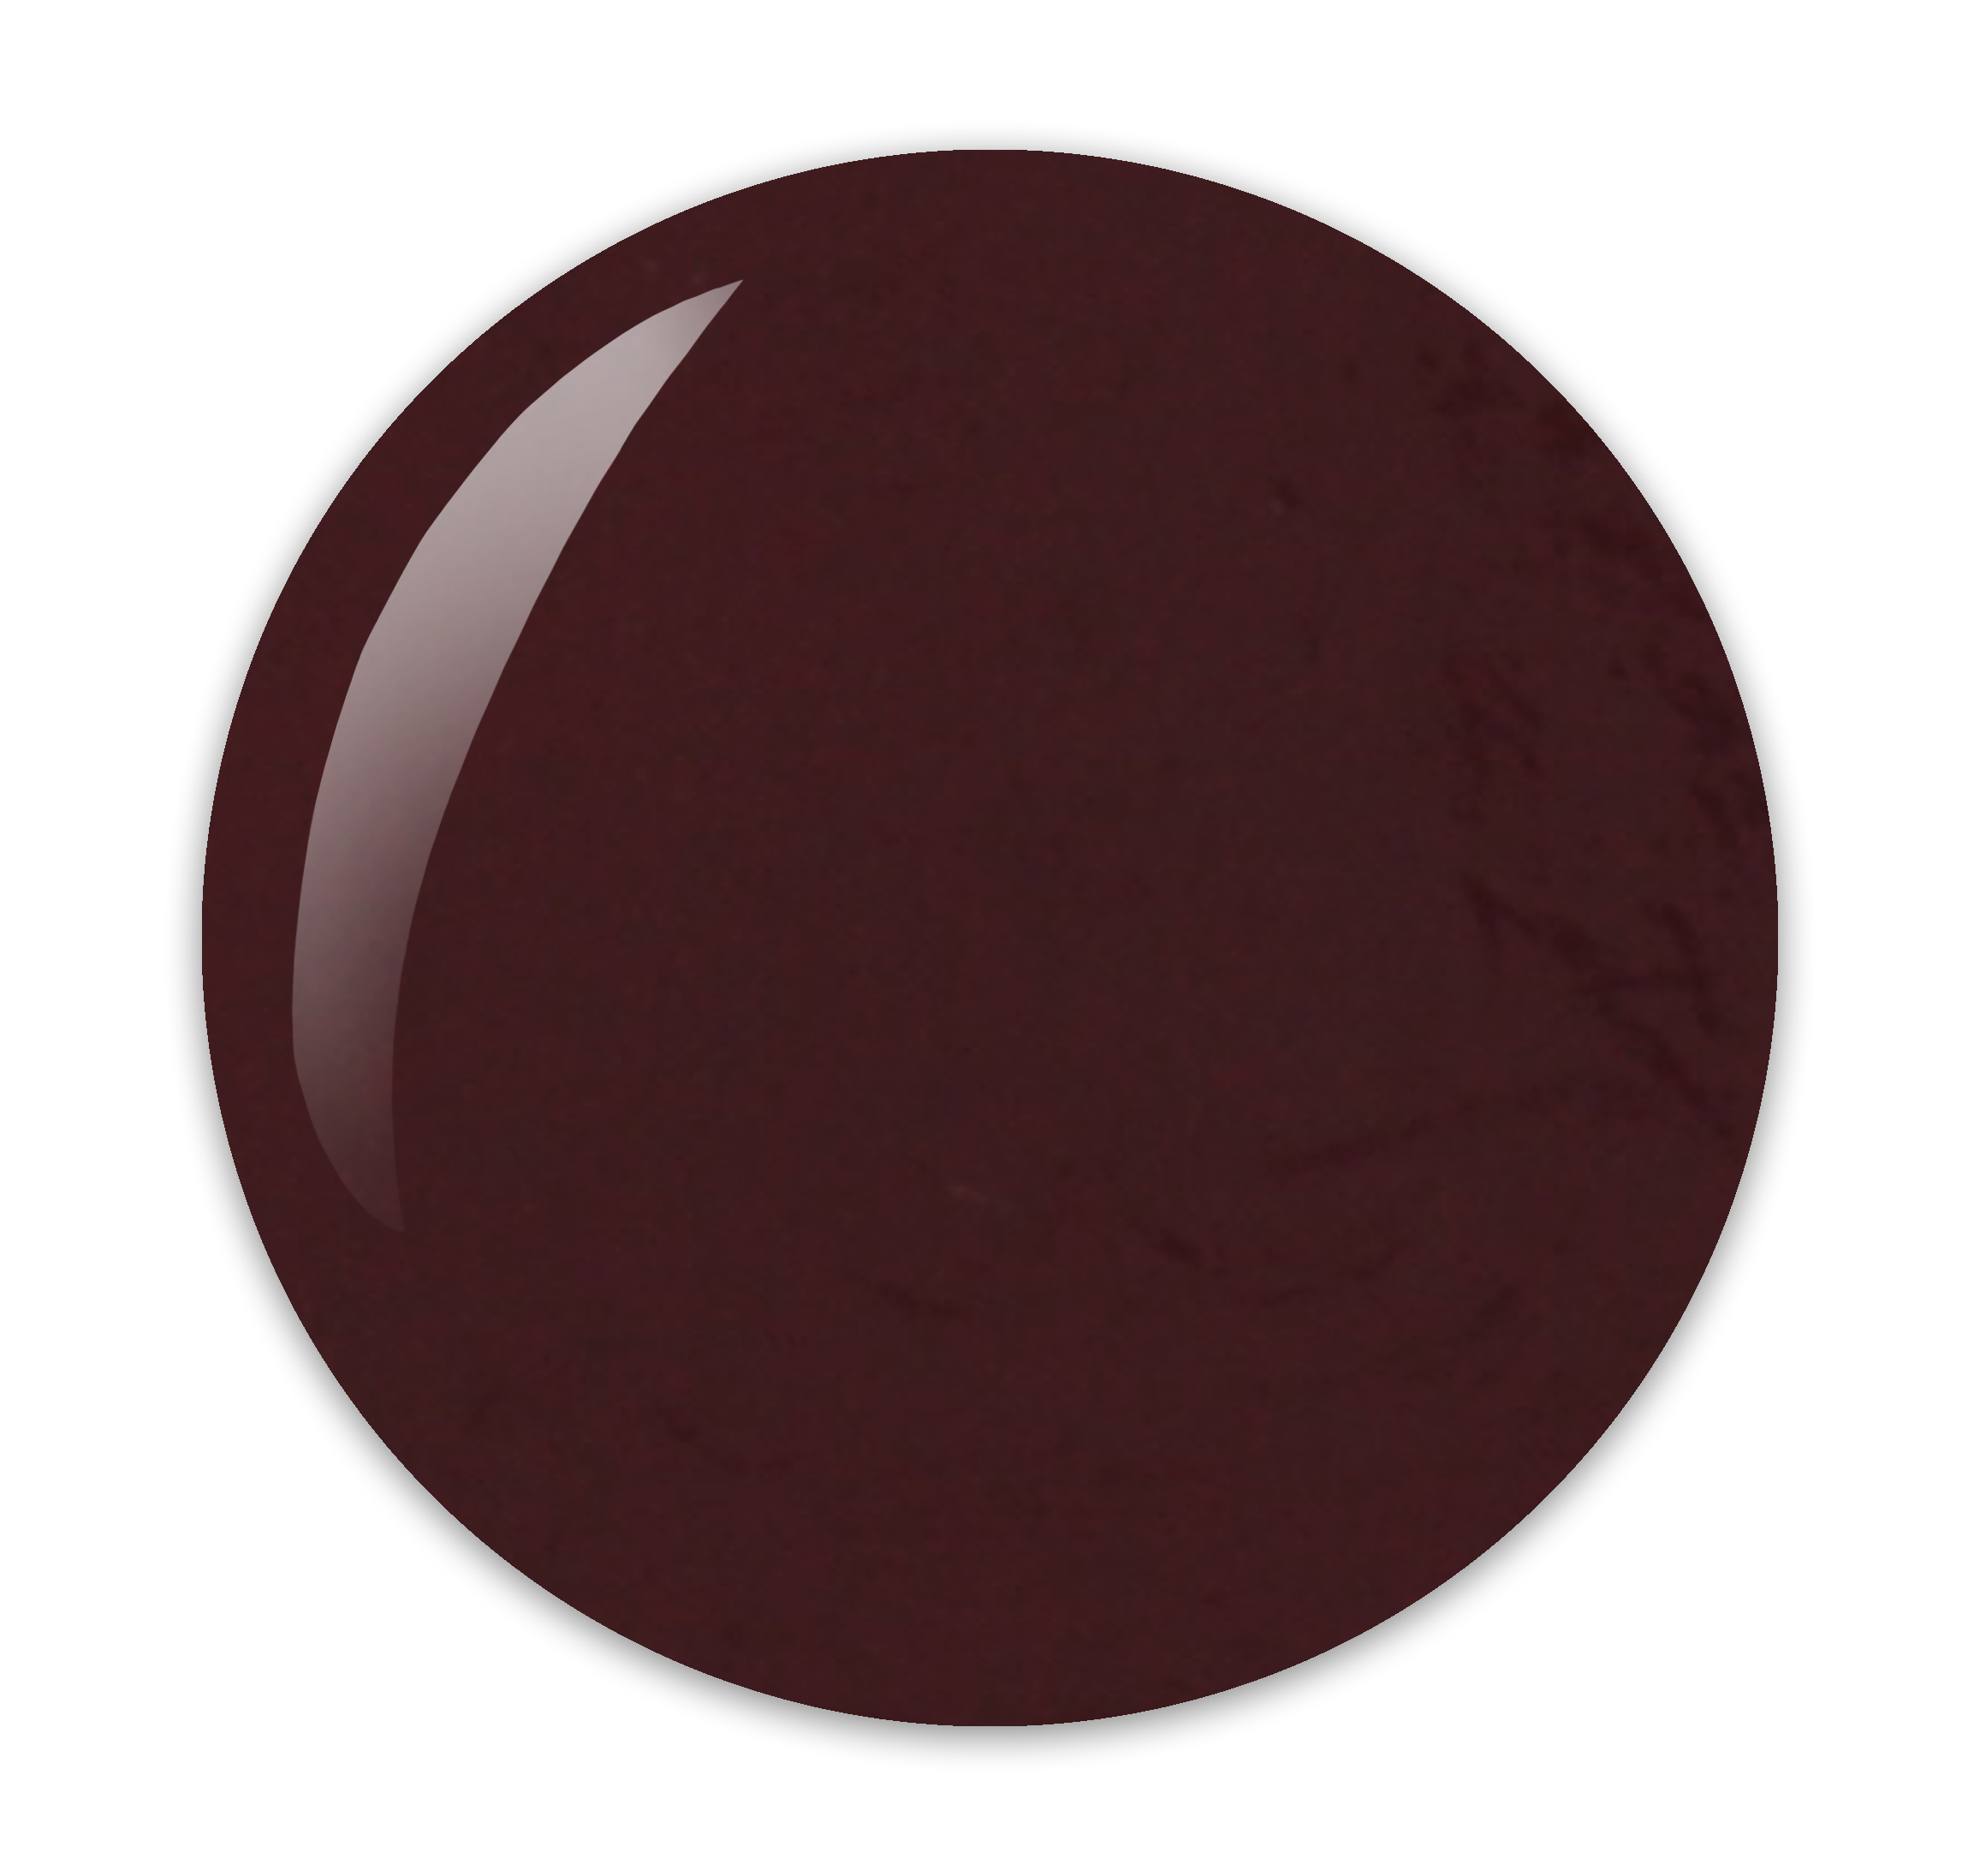 Bordeaux rode nagellak voor mooie manicure